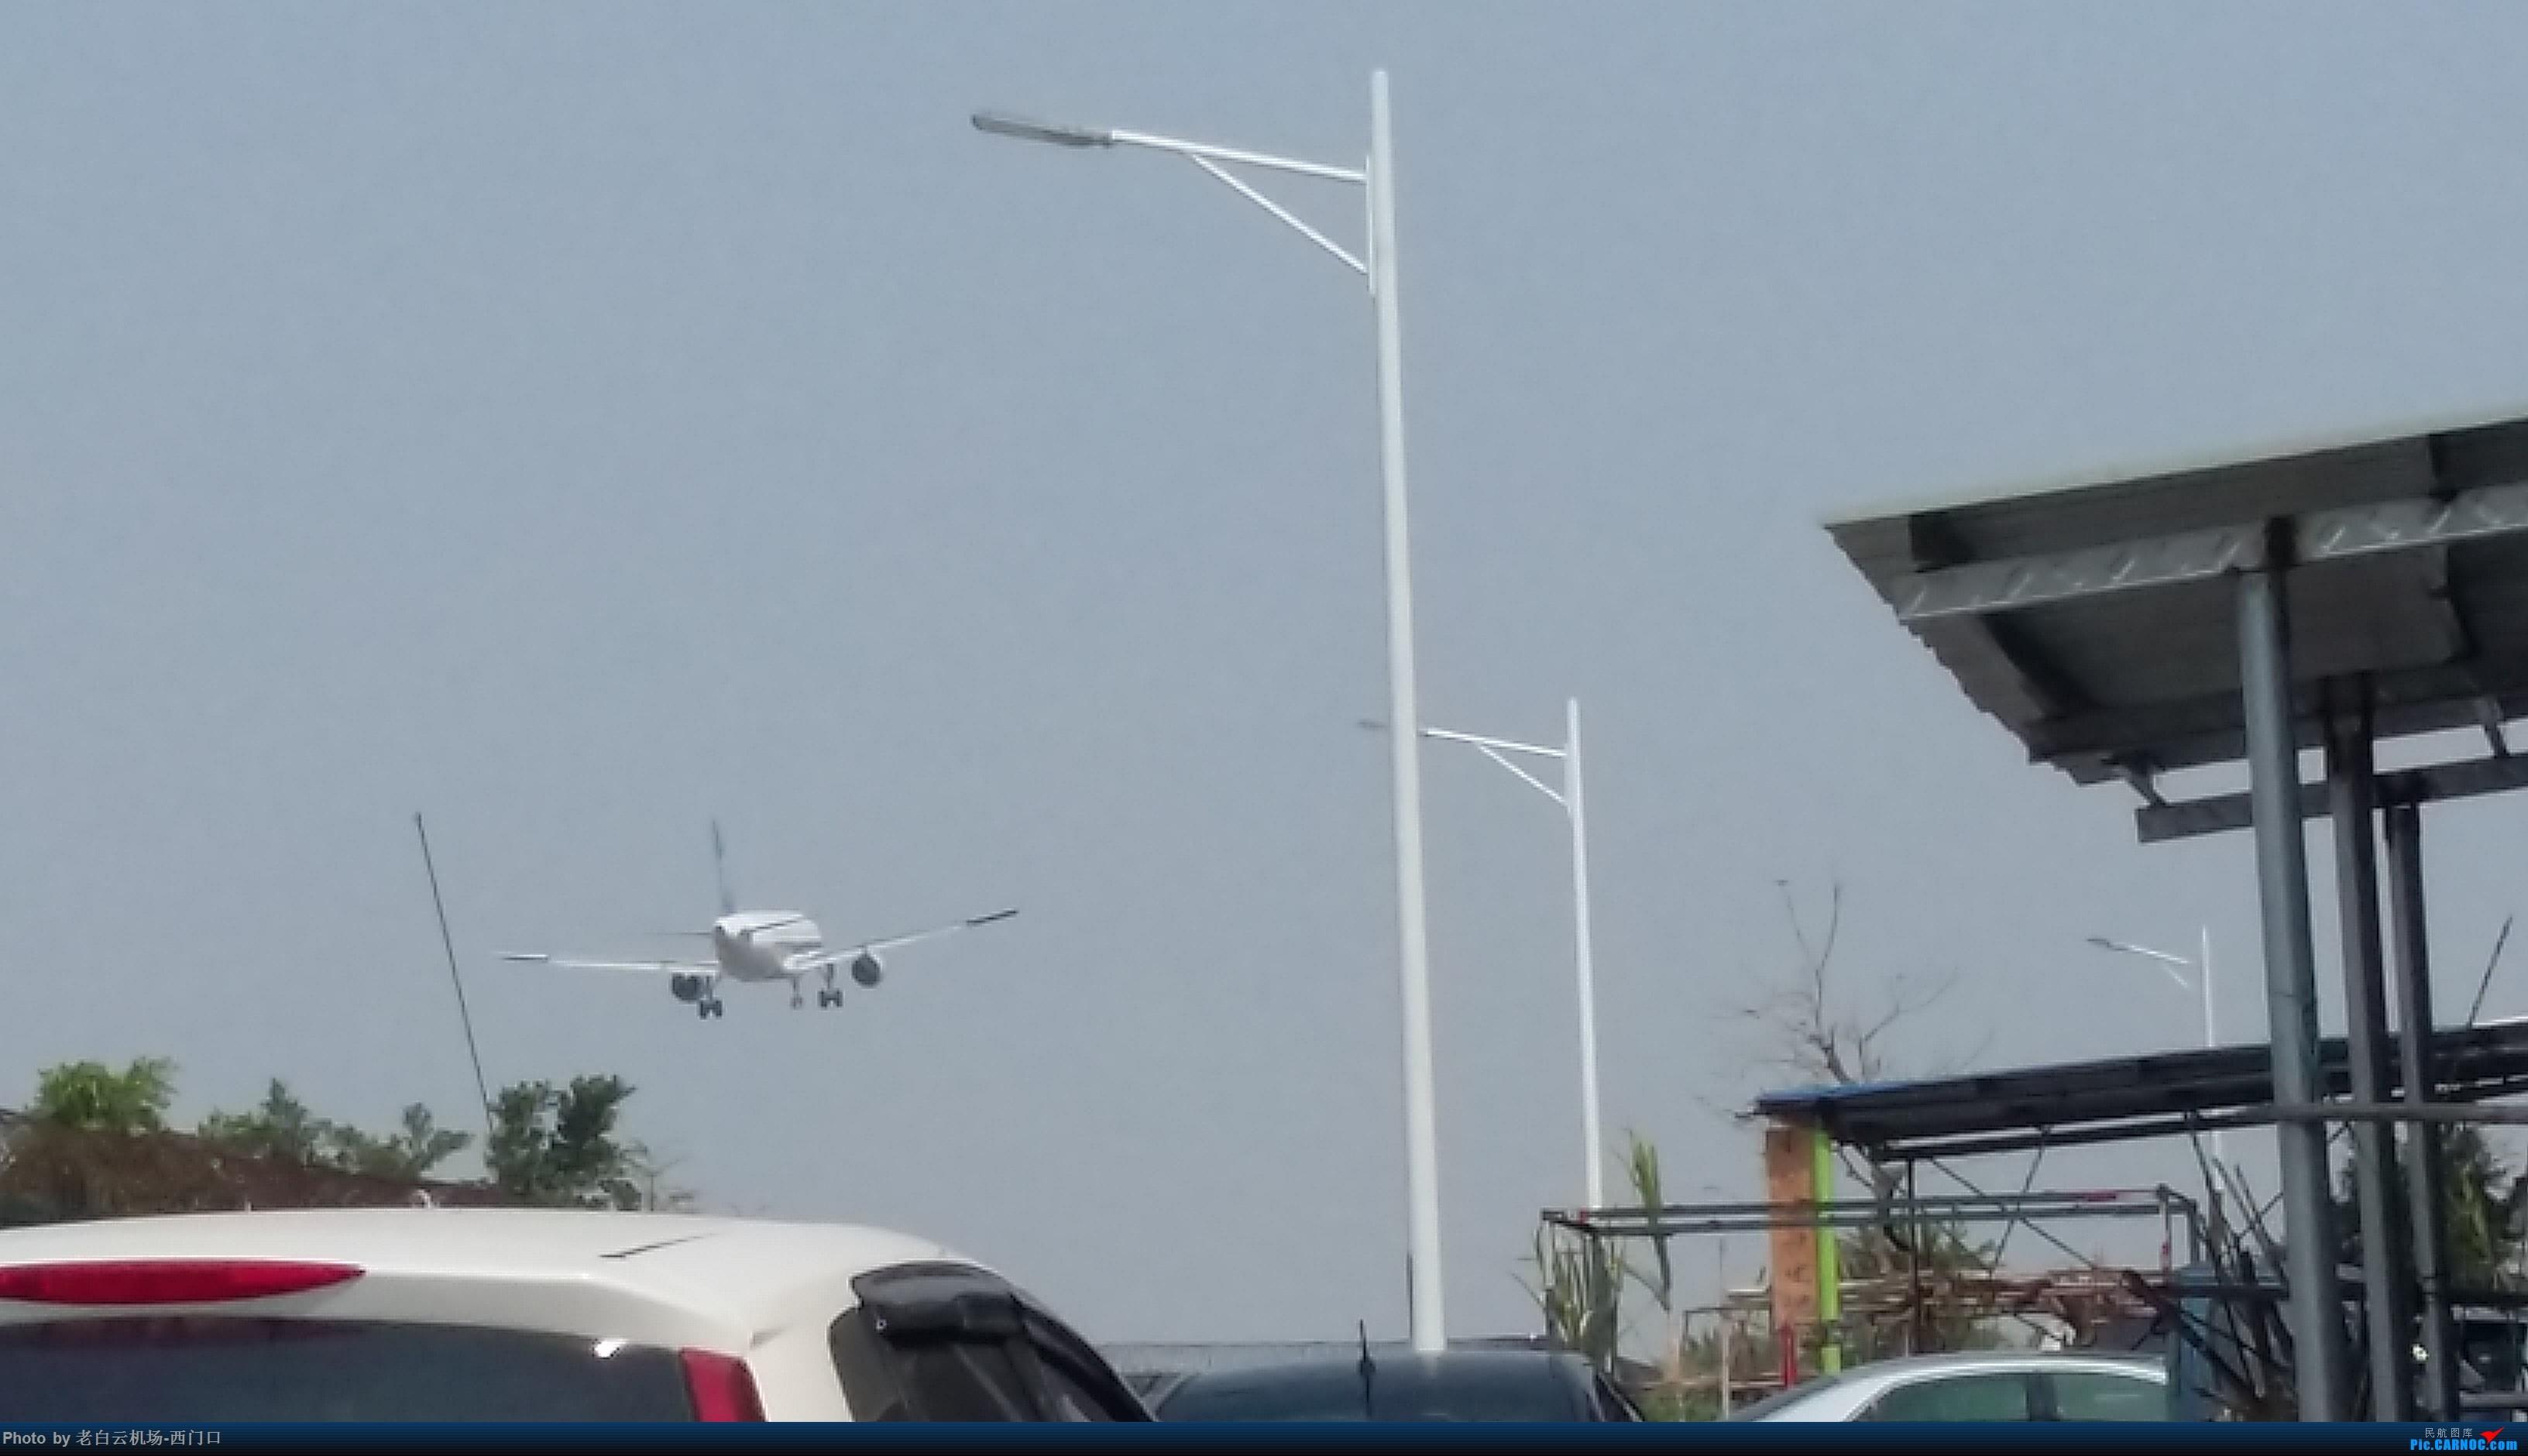 Re:[原创]我的拍飞机心情(广州) AIRBUS A320-200 B-9929 中国广州白云国际机场